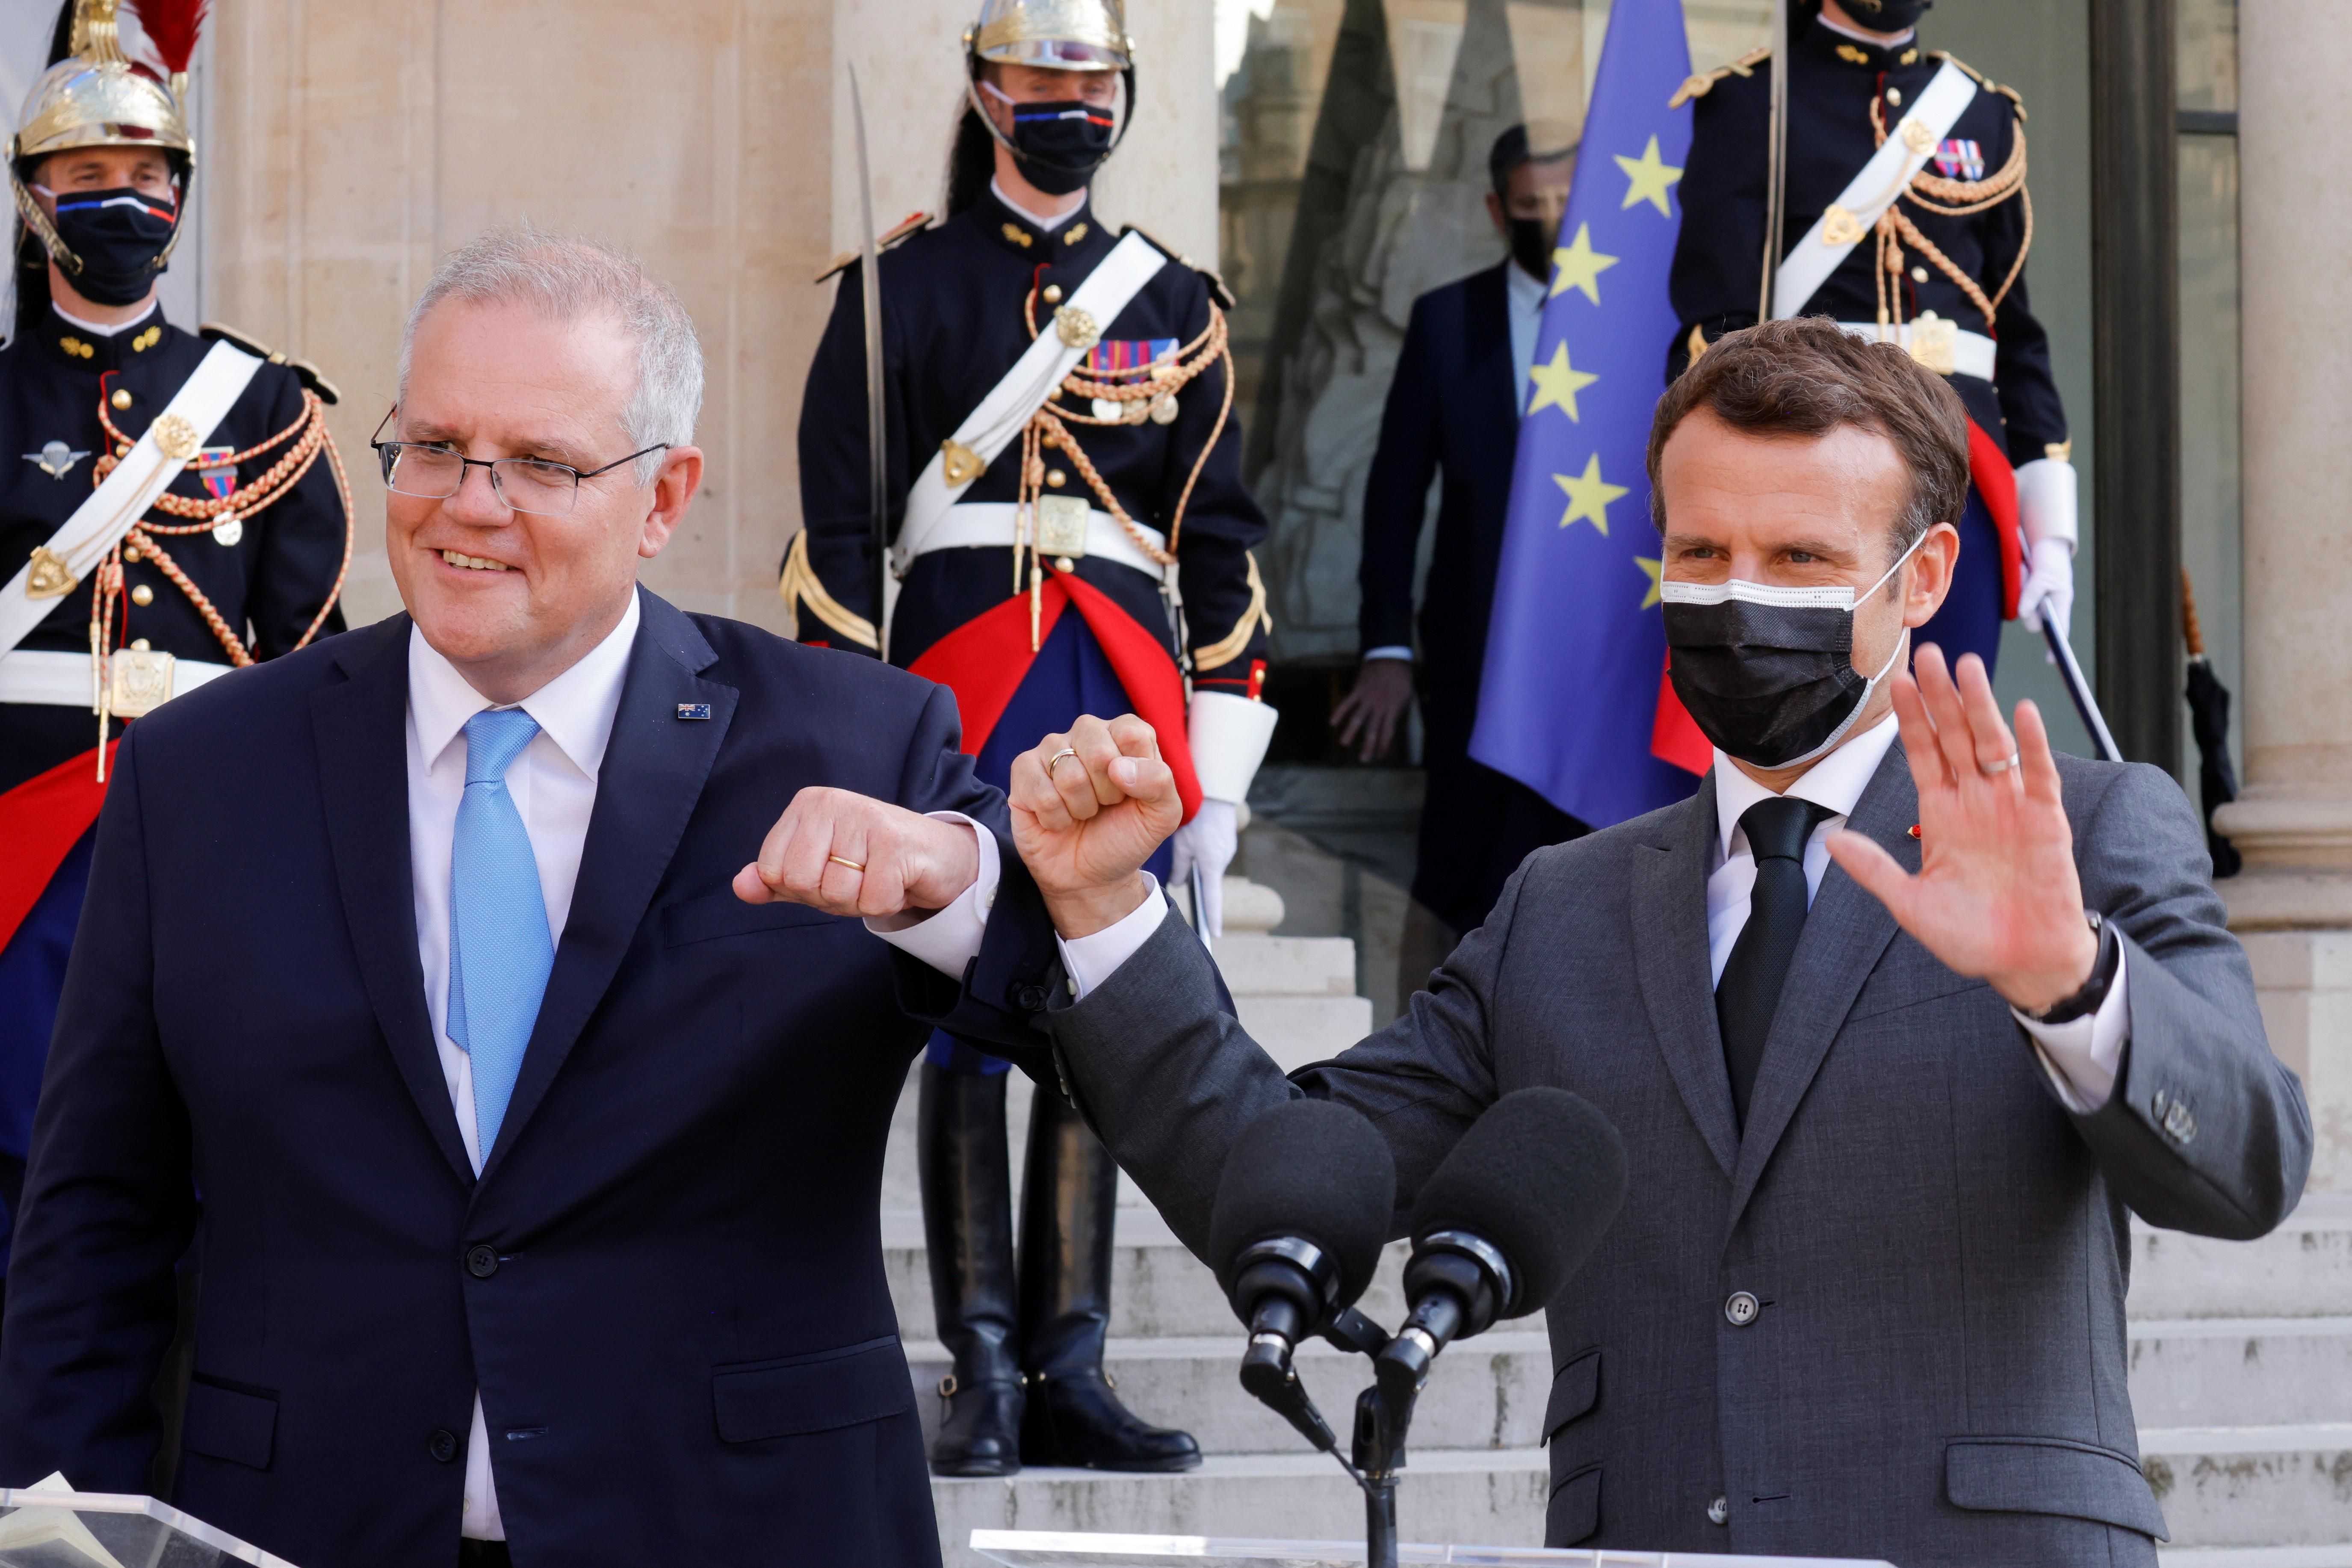 ▲▼澳洲總理莫里森在巴黎會晤法國總統馬克宏。(圖/路透社)